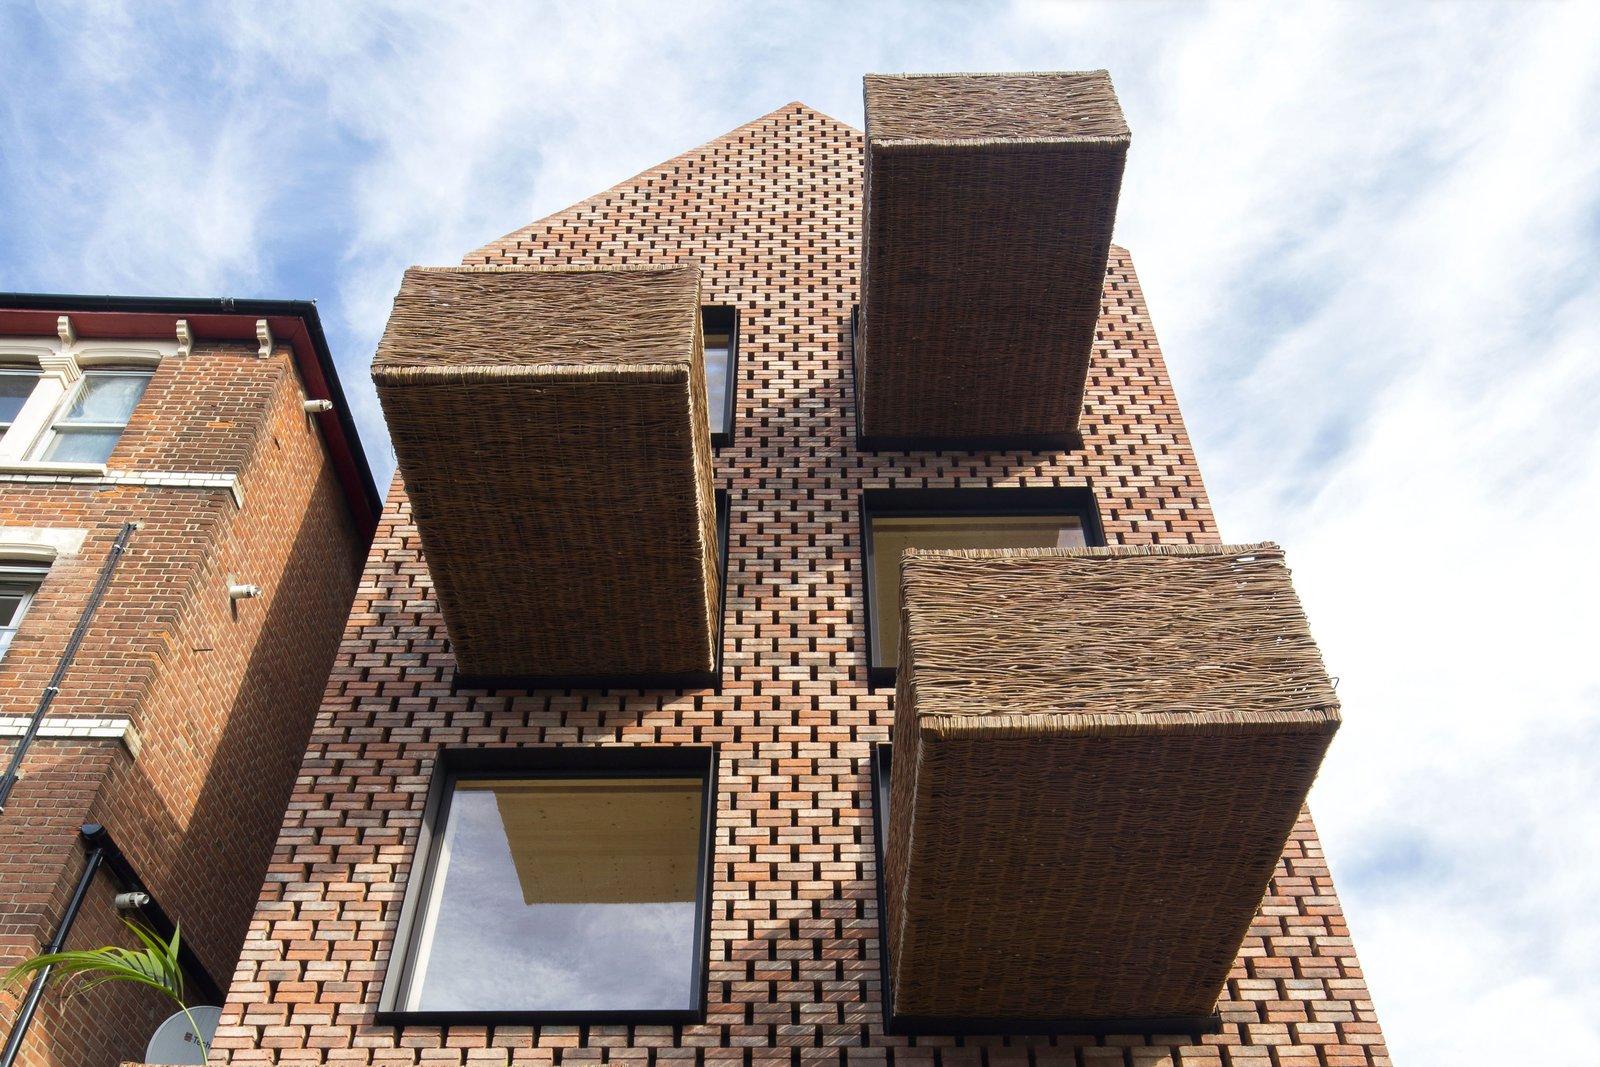 Architect: Amin Taha Architects Photography: Agnese Sanvito